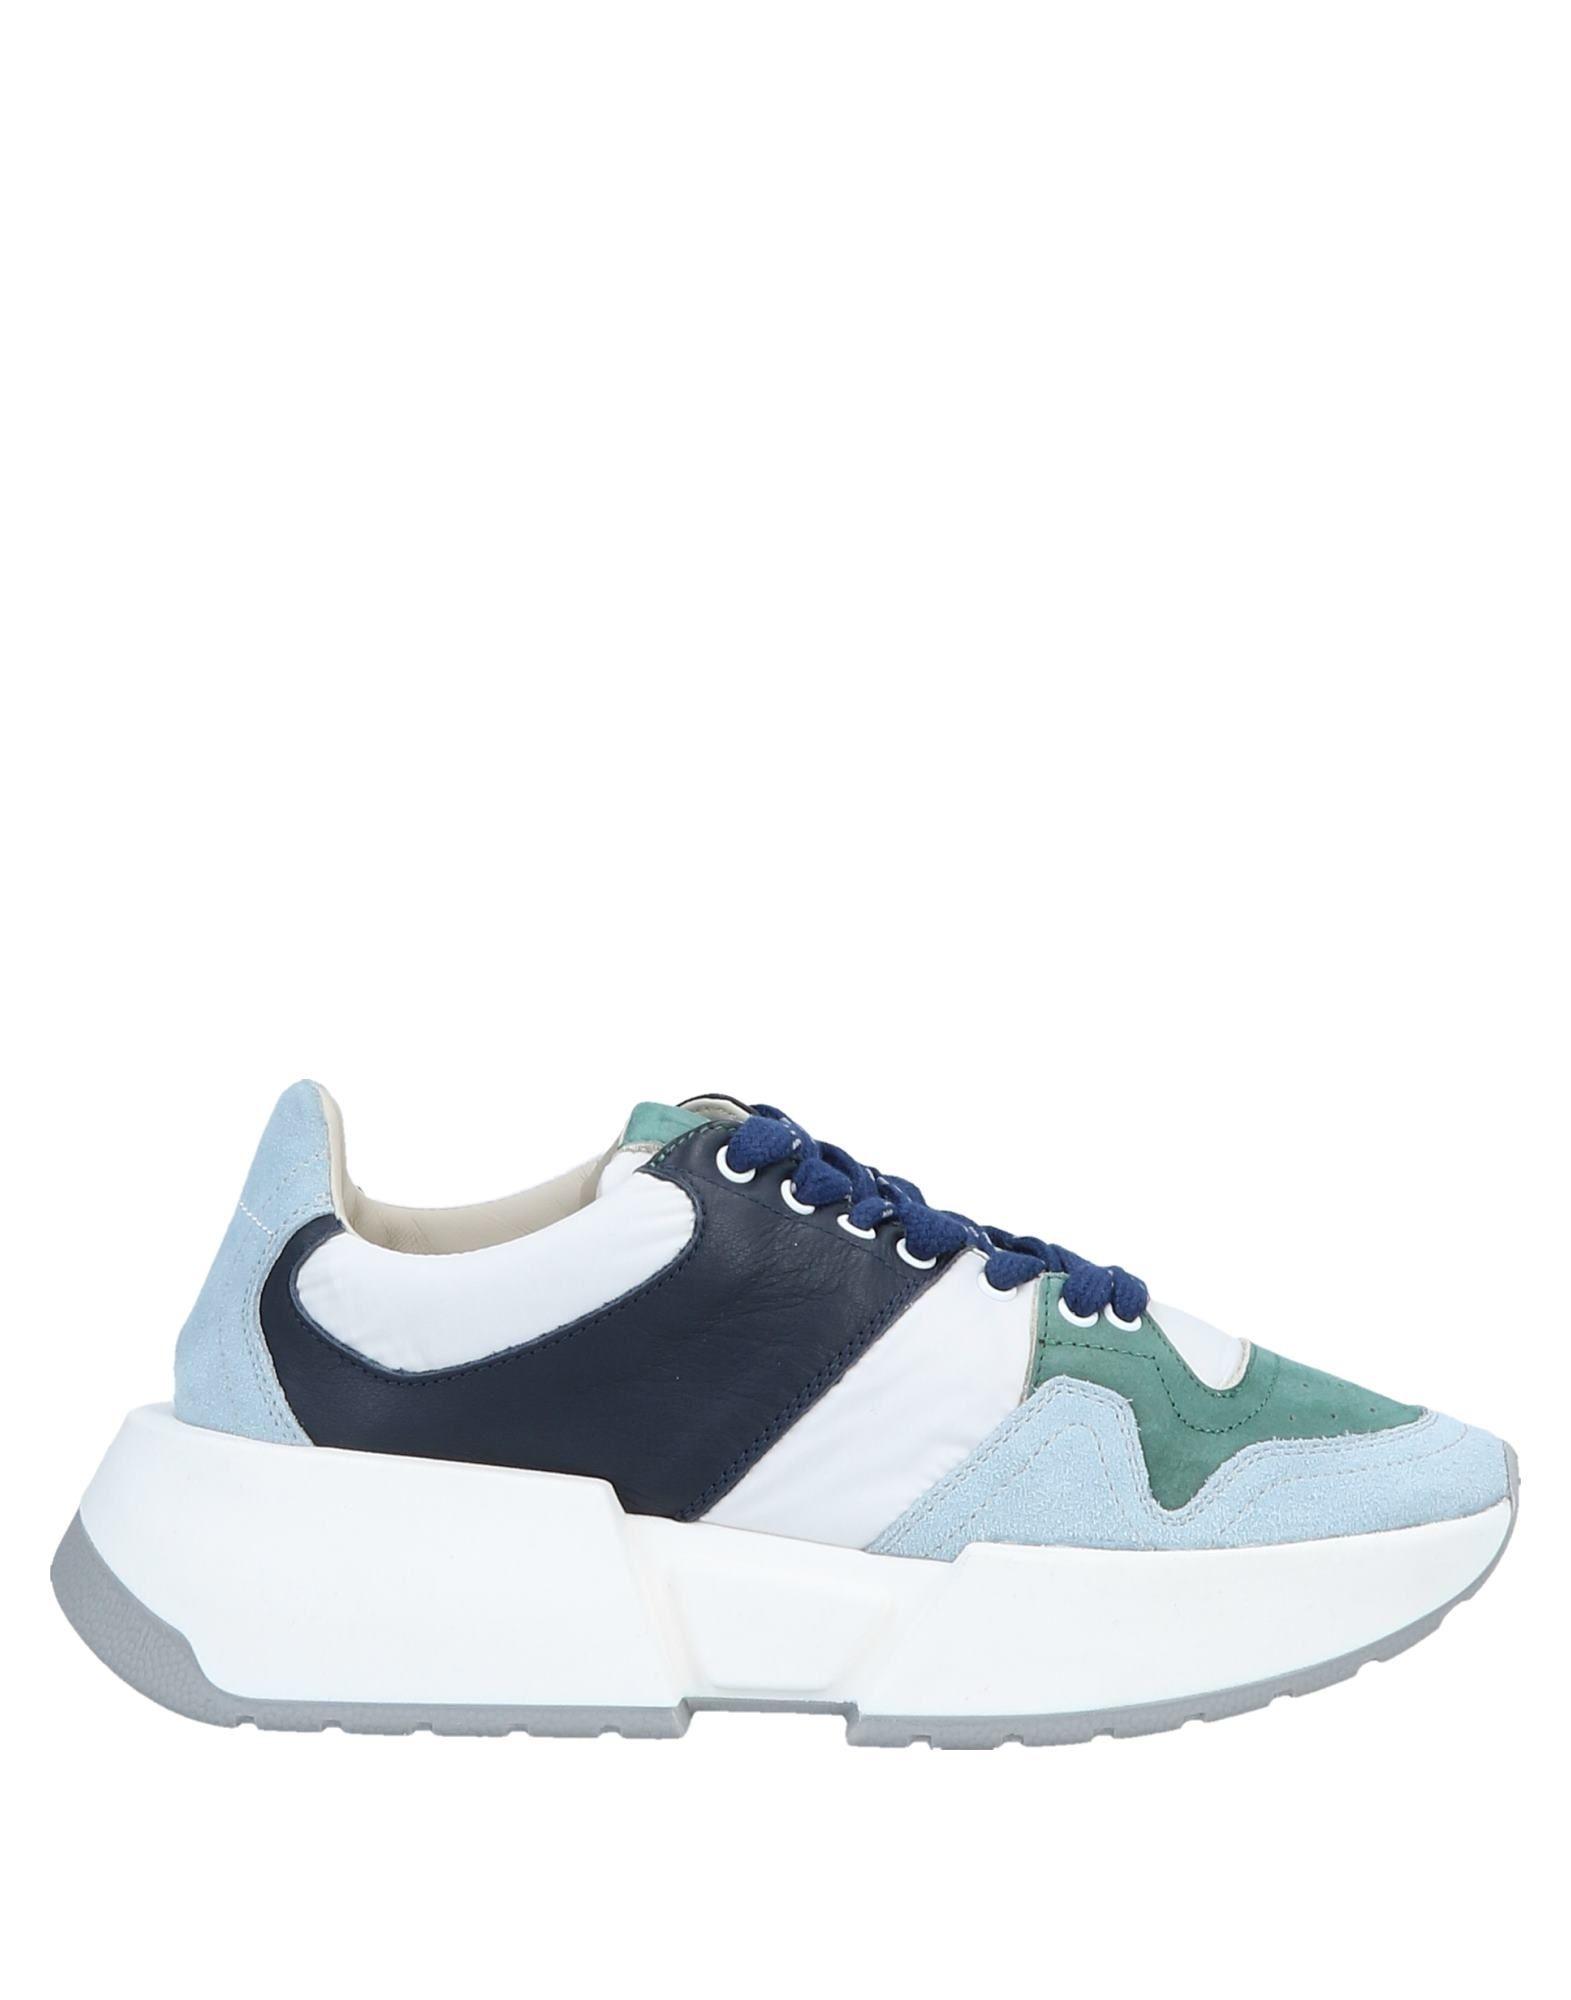 Mm6 Maison Mm6 Margiela Sneakers - Women Mm6 Maison Maison Margiela Sneakers online on  United Kingdom - 11566587ES c8d6bd